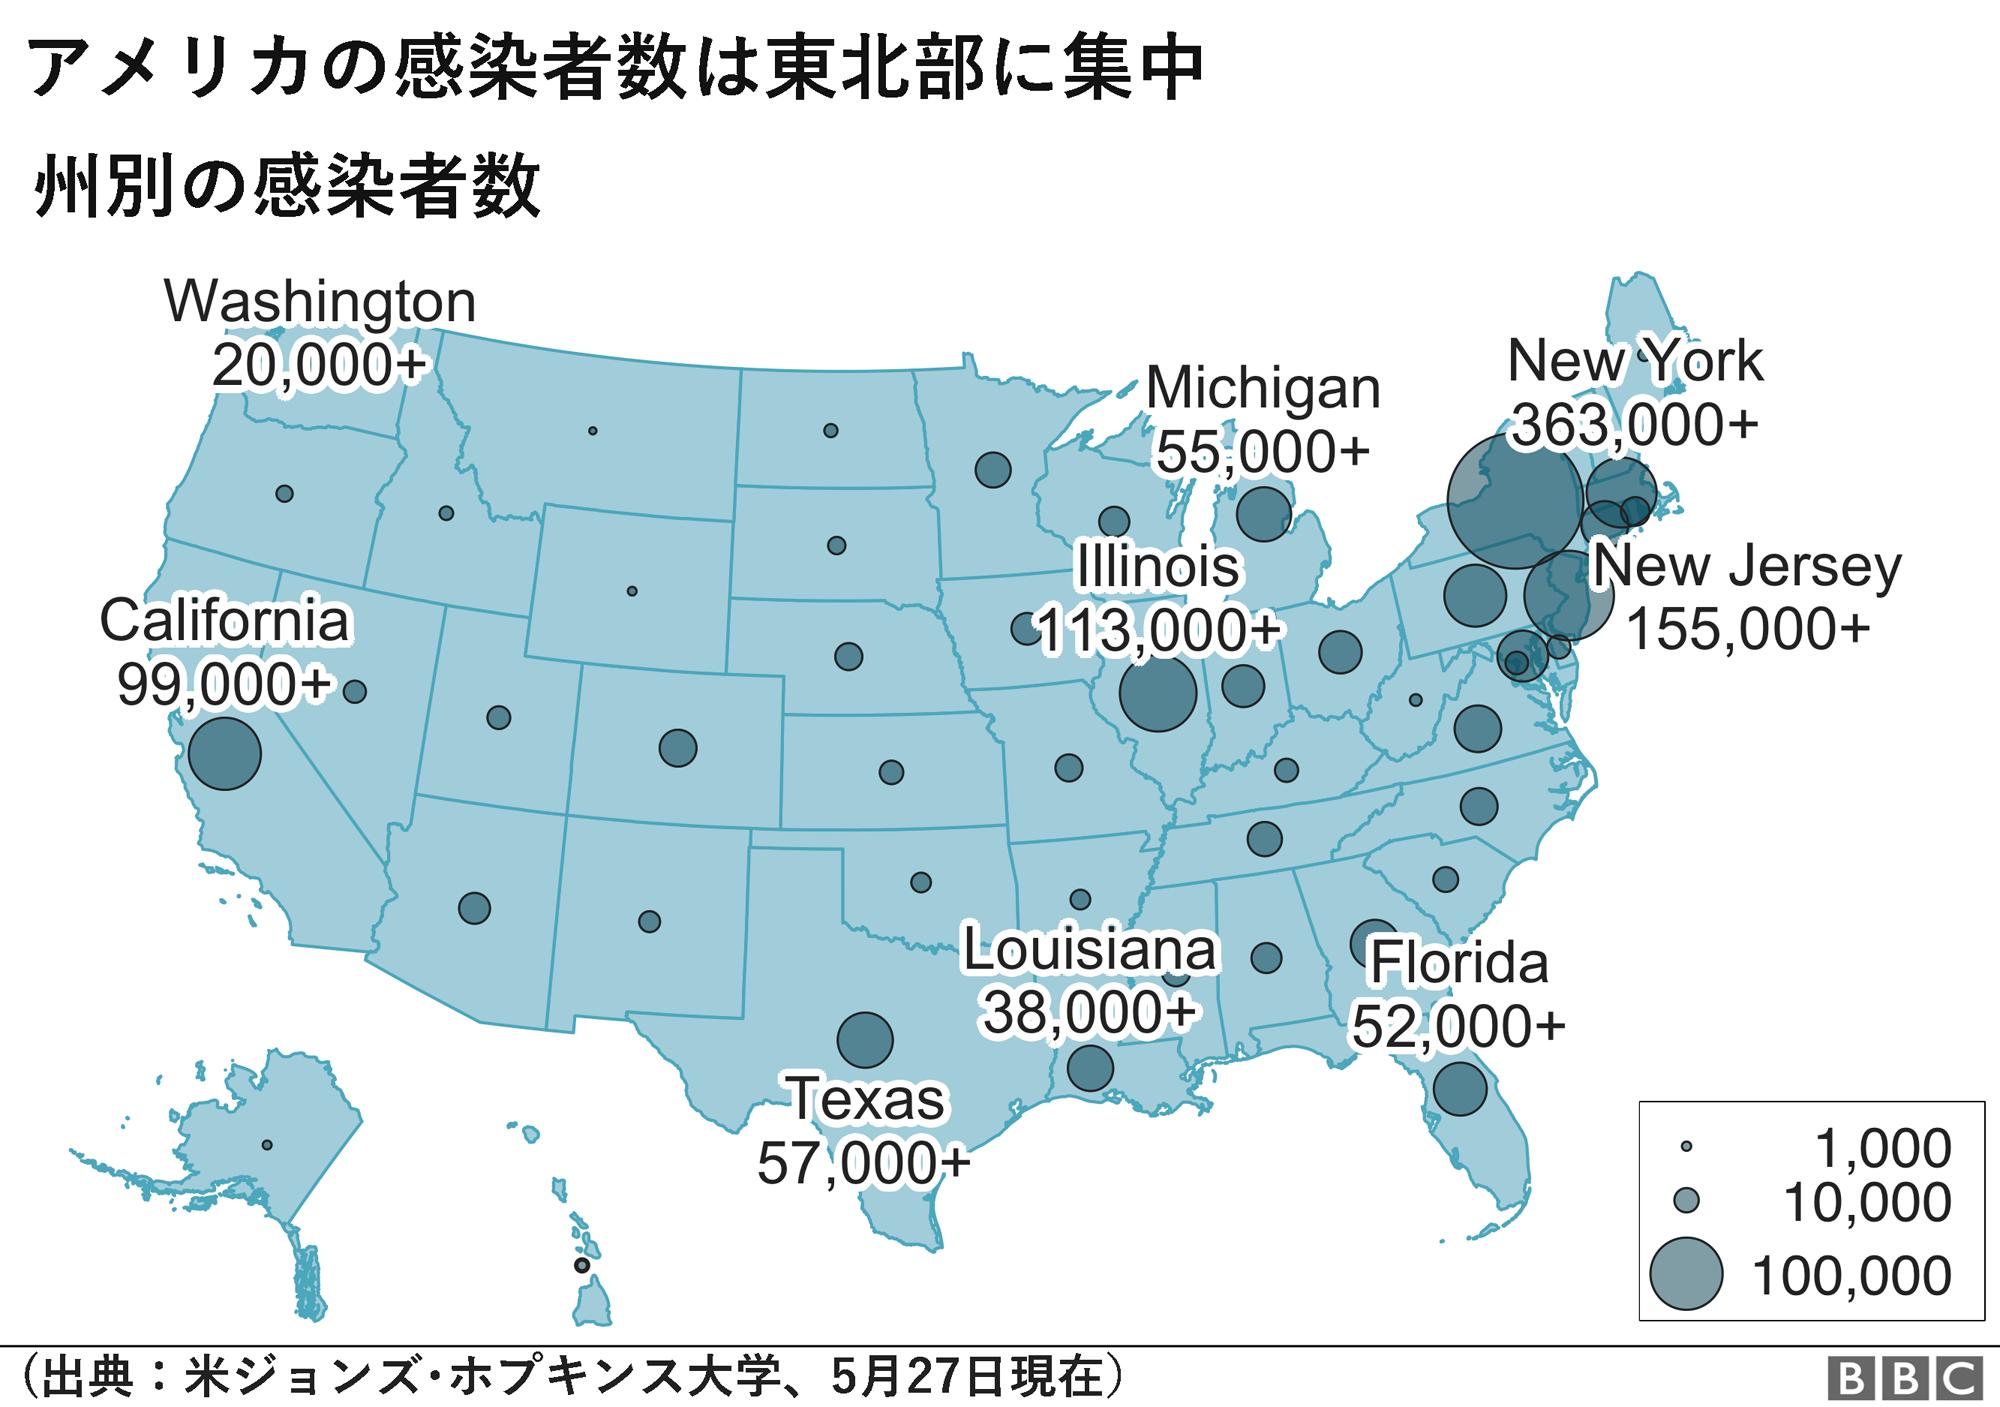 人口 アメリカ